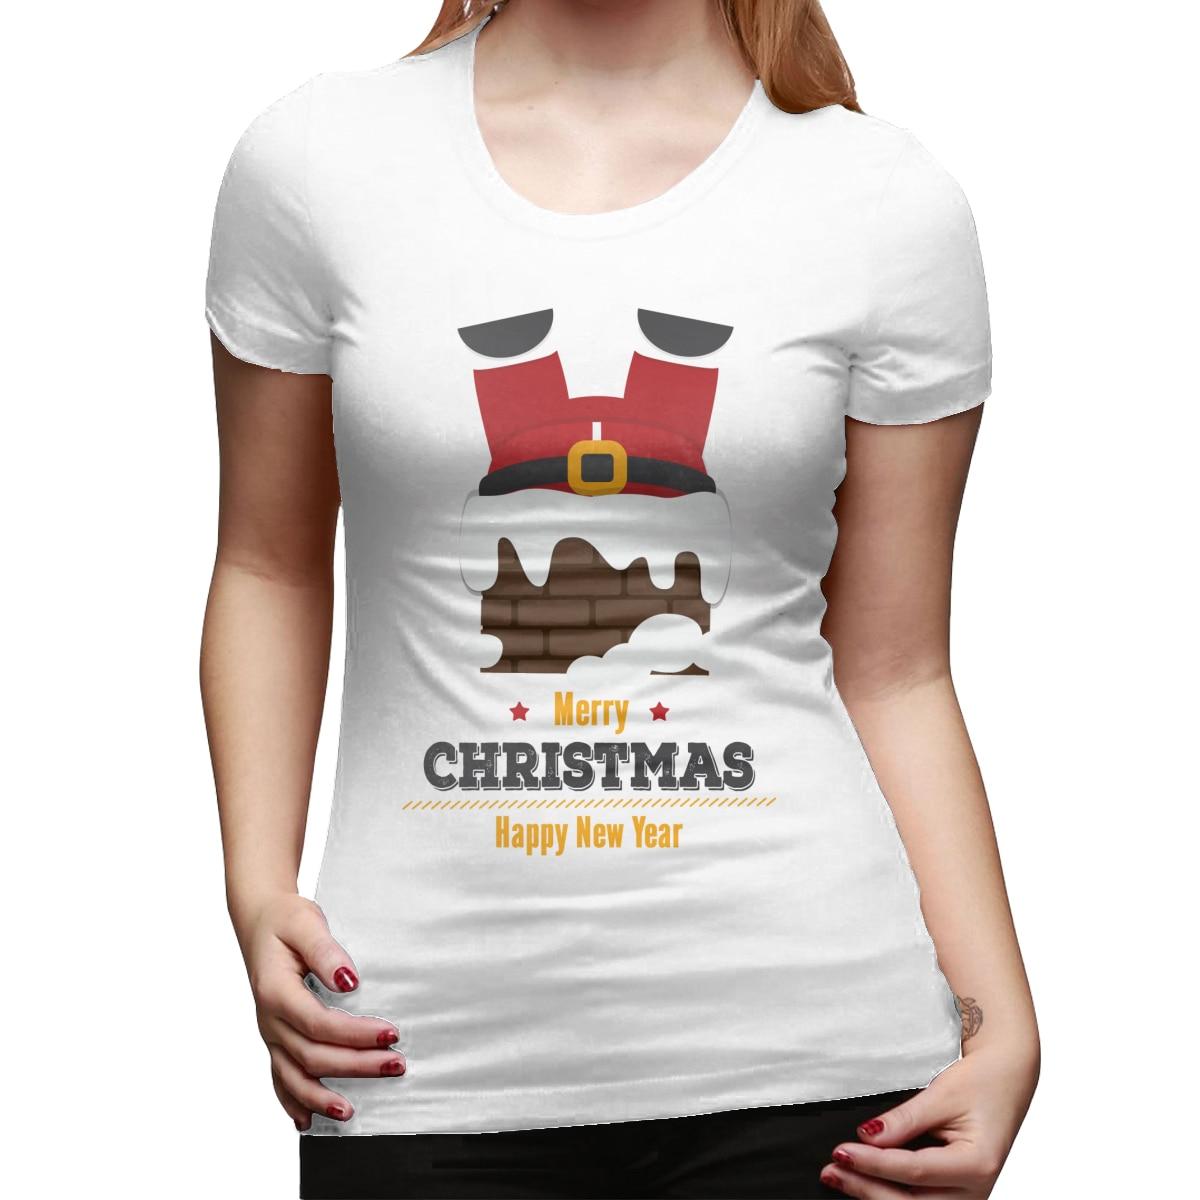 Navidad chimenea estampado de Papá Noel camiseta de verano de las mujeres de manga corta de ocio Top Tee Casual señoras mujer Camisetas Mujer ropa